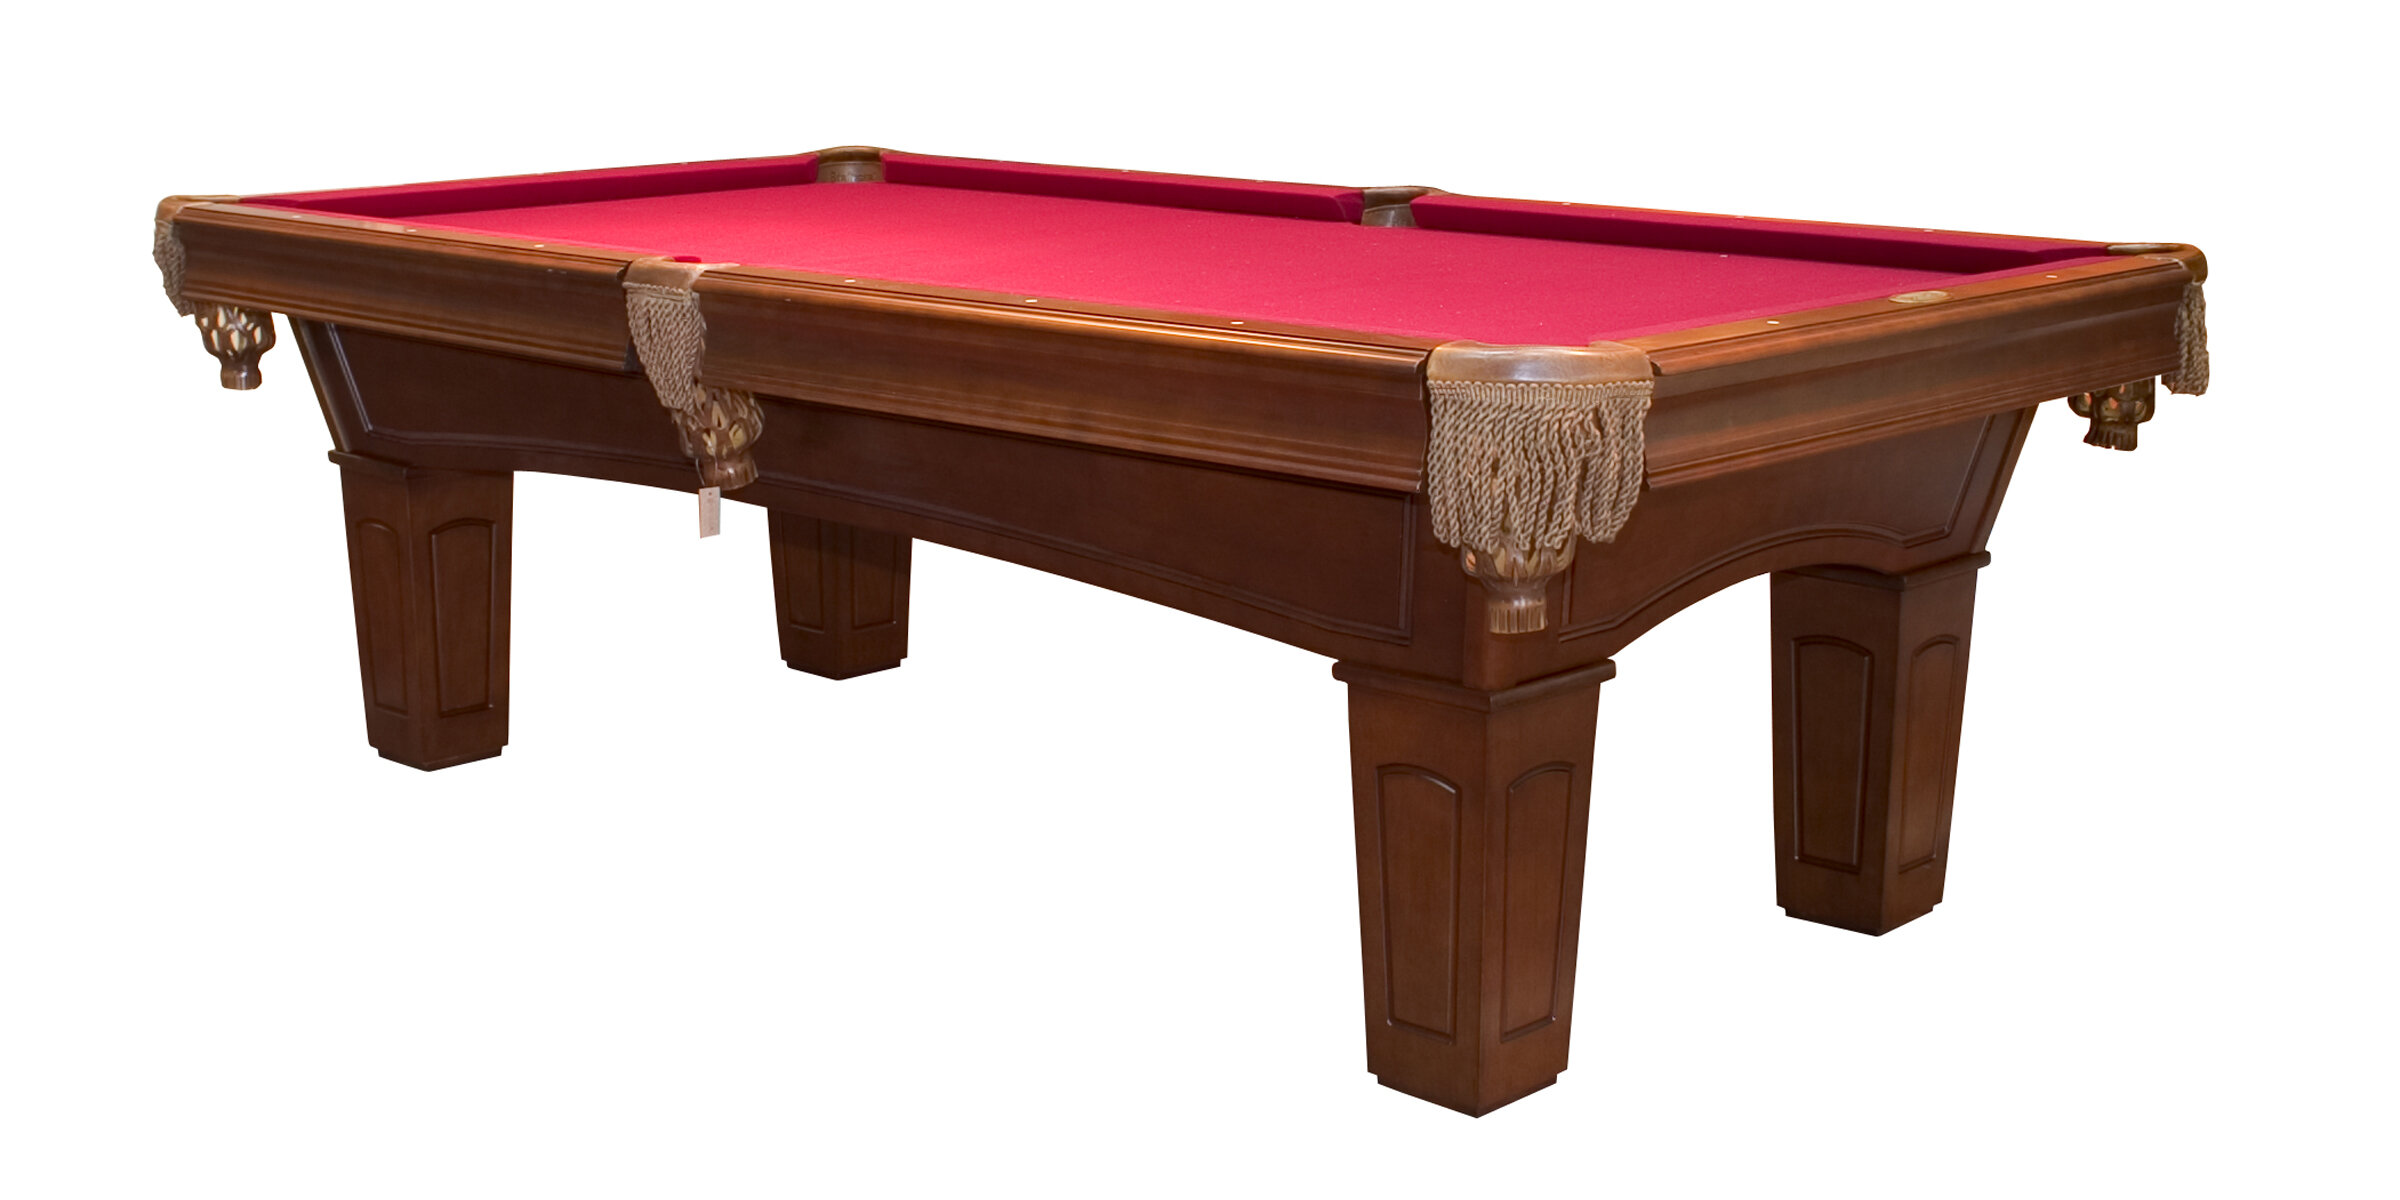 Superbe Beringer Sierra 8u0027 Pool Table | Wayfair